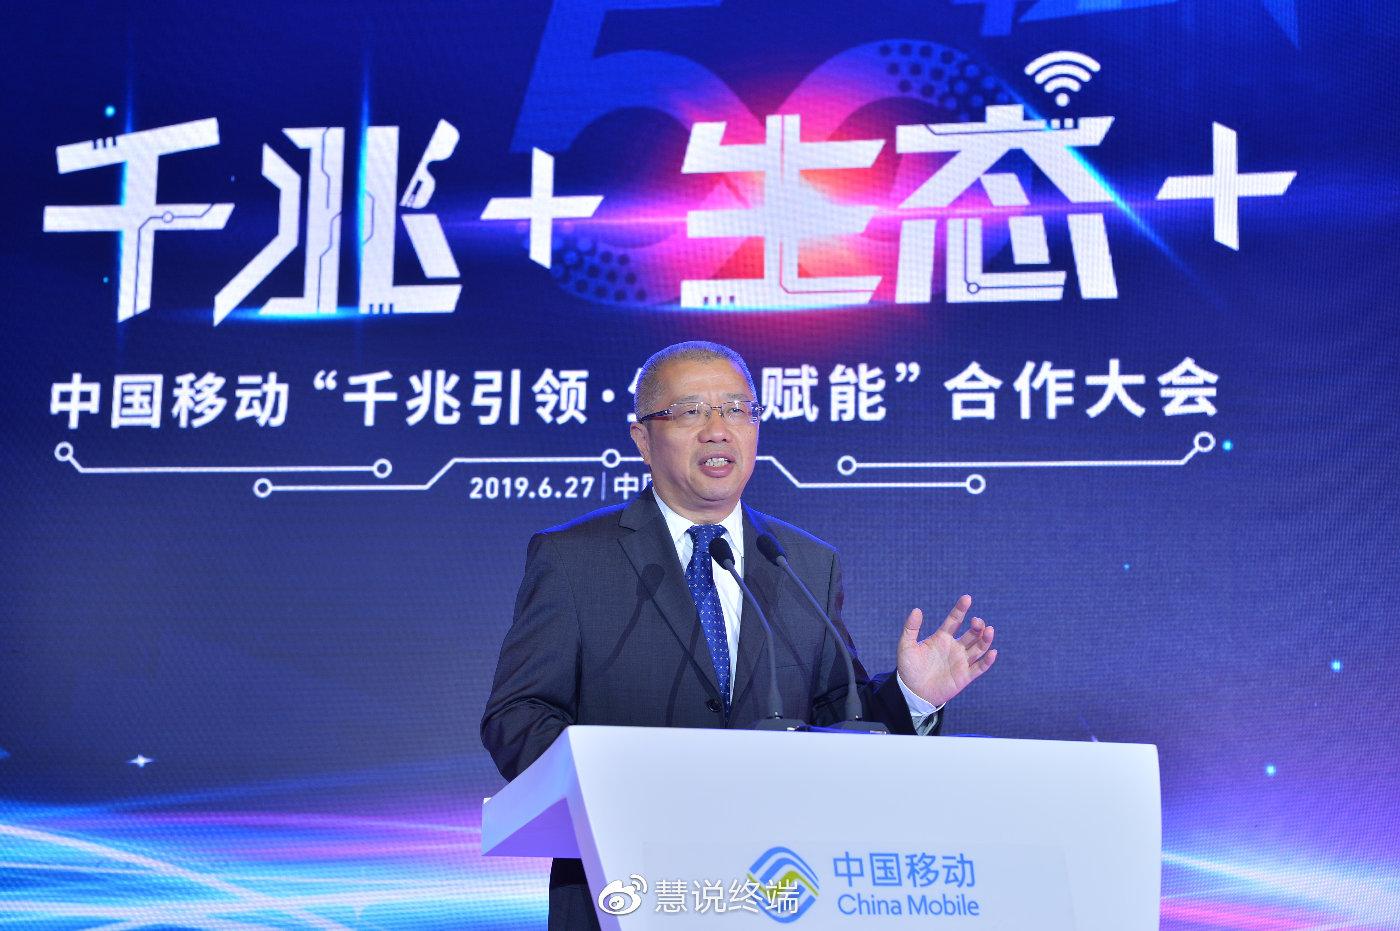 中国移动:千兆引领.生态赋能